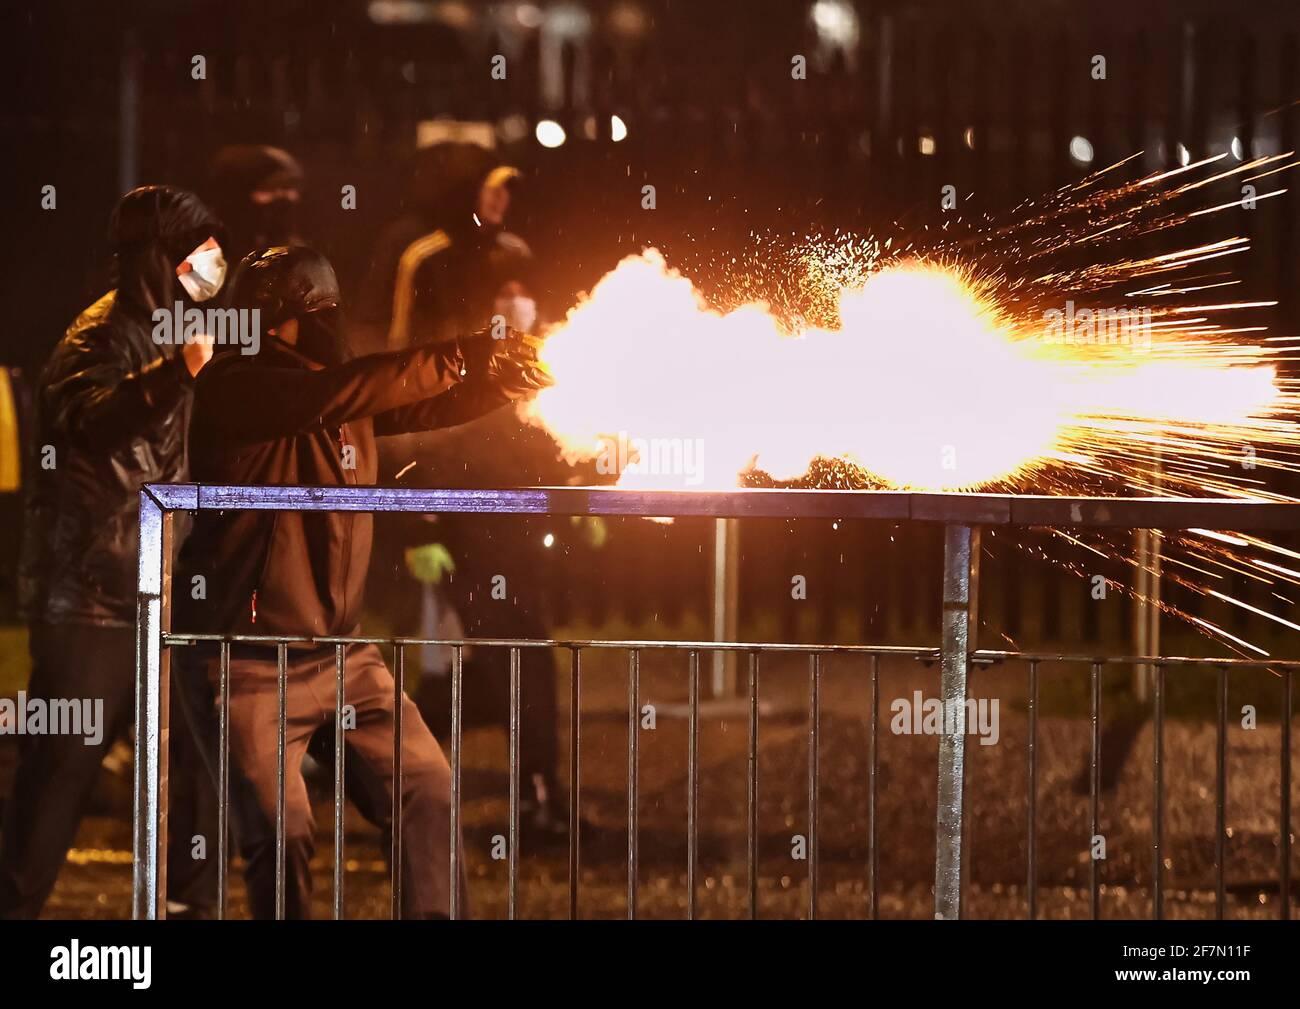 Jugendliche feuern während weiterer Unruhen in Belfast ein Feuerwerk am PSNI auf der Springfield Road. Bilddatum: Donnerstag, 8. April 2021. Stockfoto